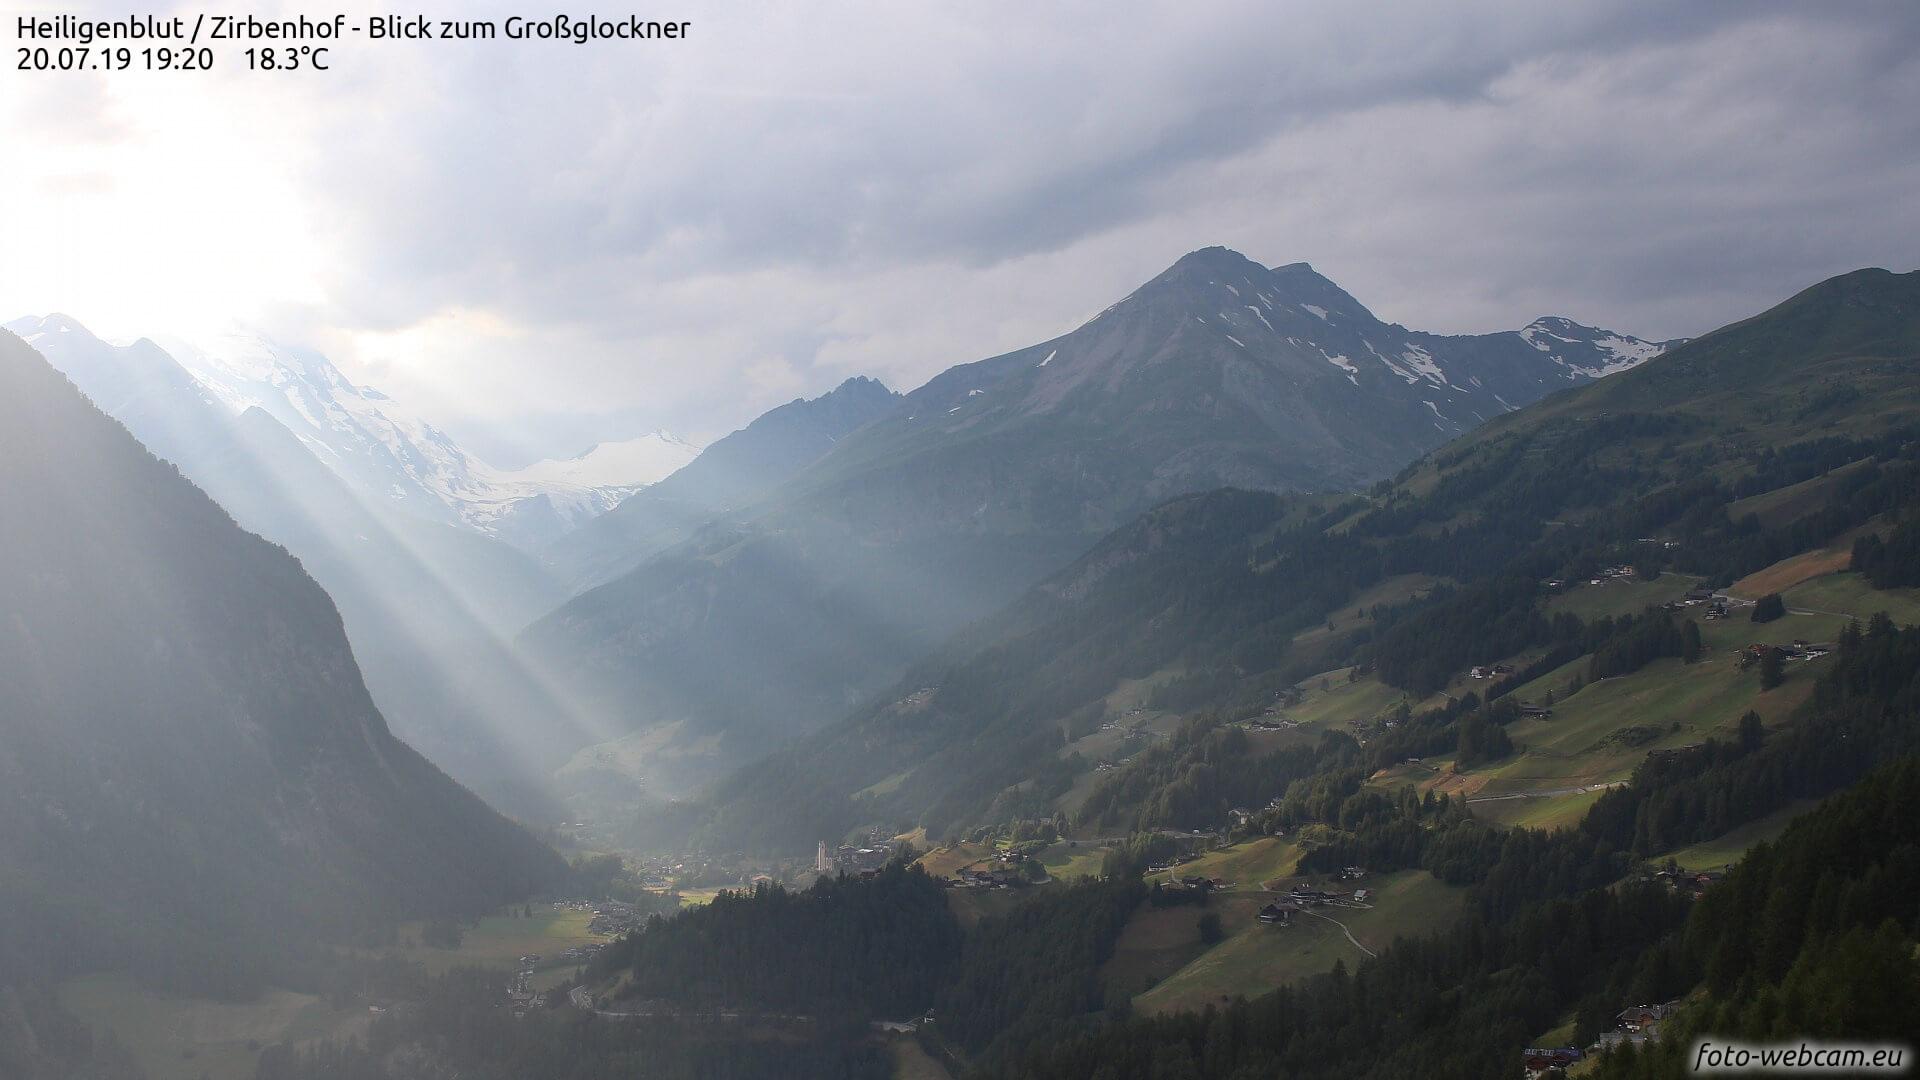 Am Sonntag besonders an der Alpensüdseite gewittrig